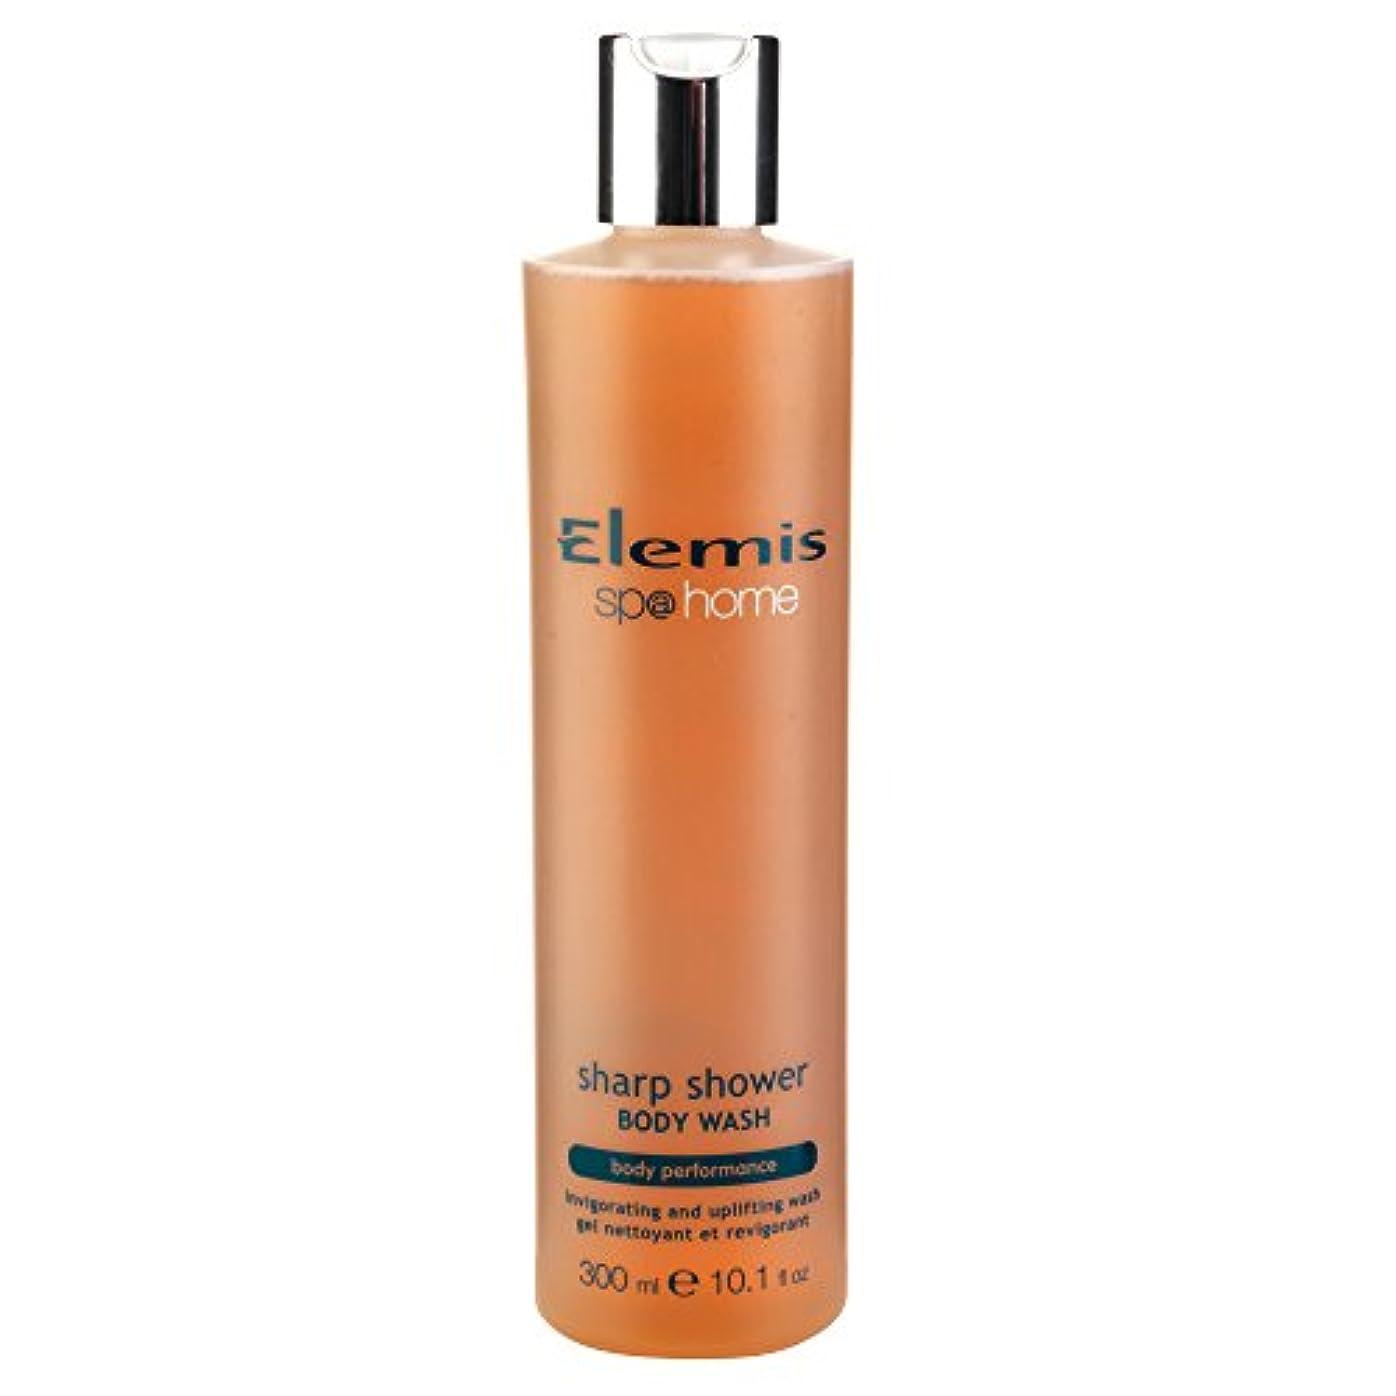 ストレンジャー地域の音楽を聴くエレミスシャープシャワーボディウォッシュ300ミリリットル (Elemis) (x2) - Elemis Sharp Shower Body Wash 300ml (Pack of 2) [並行輸入品]